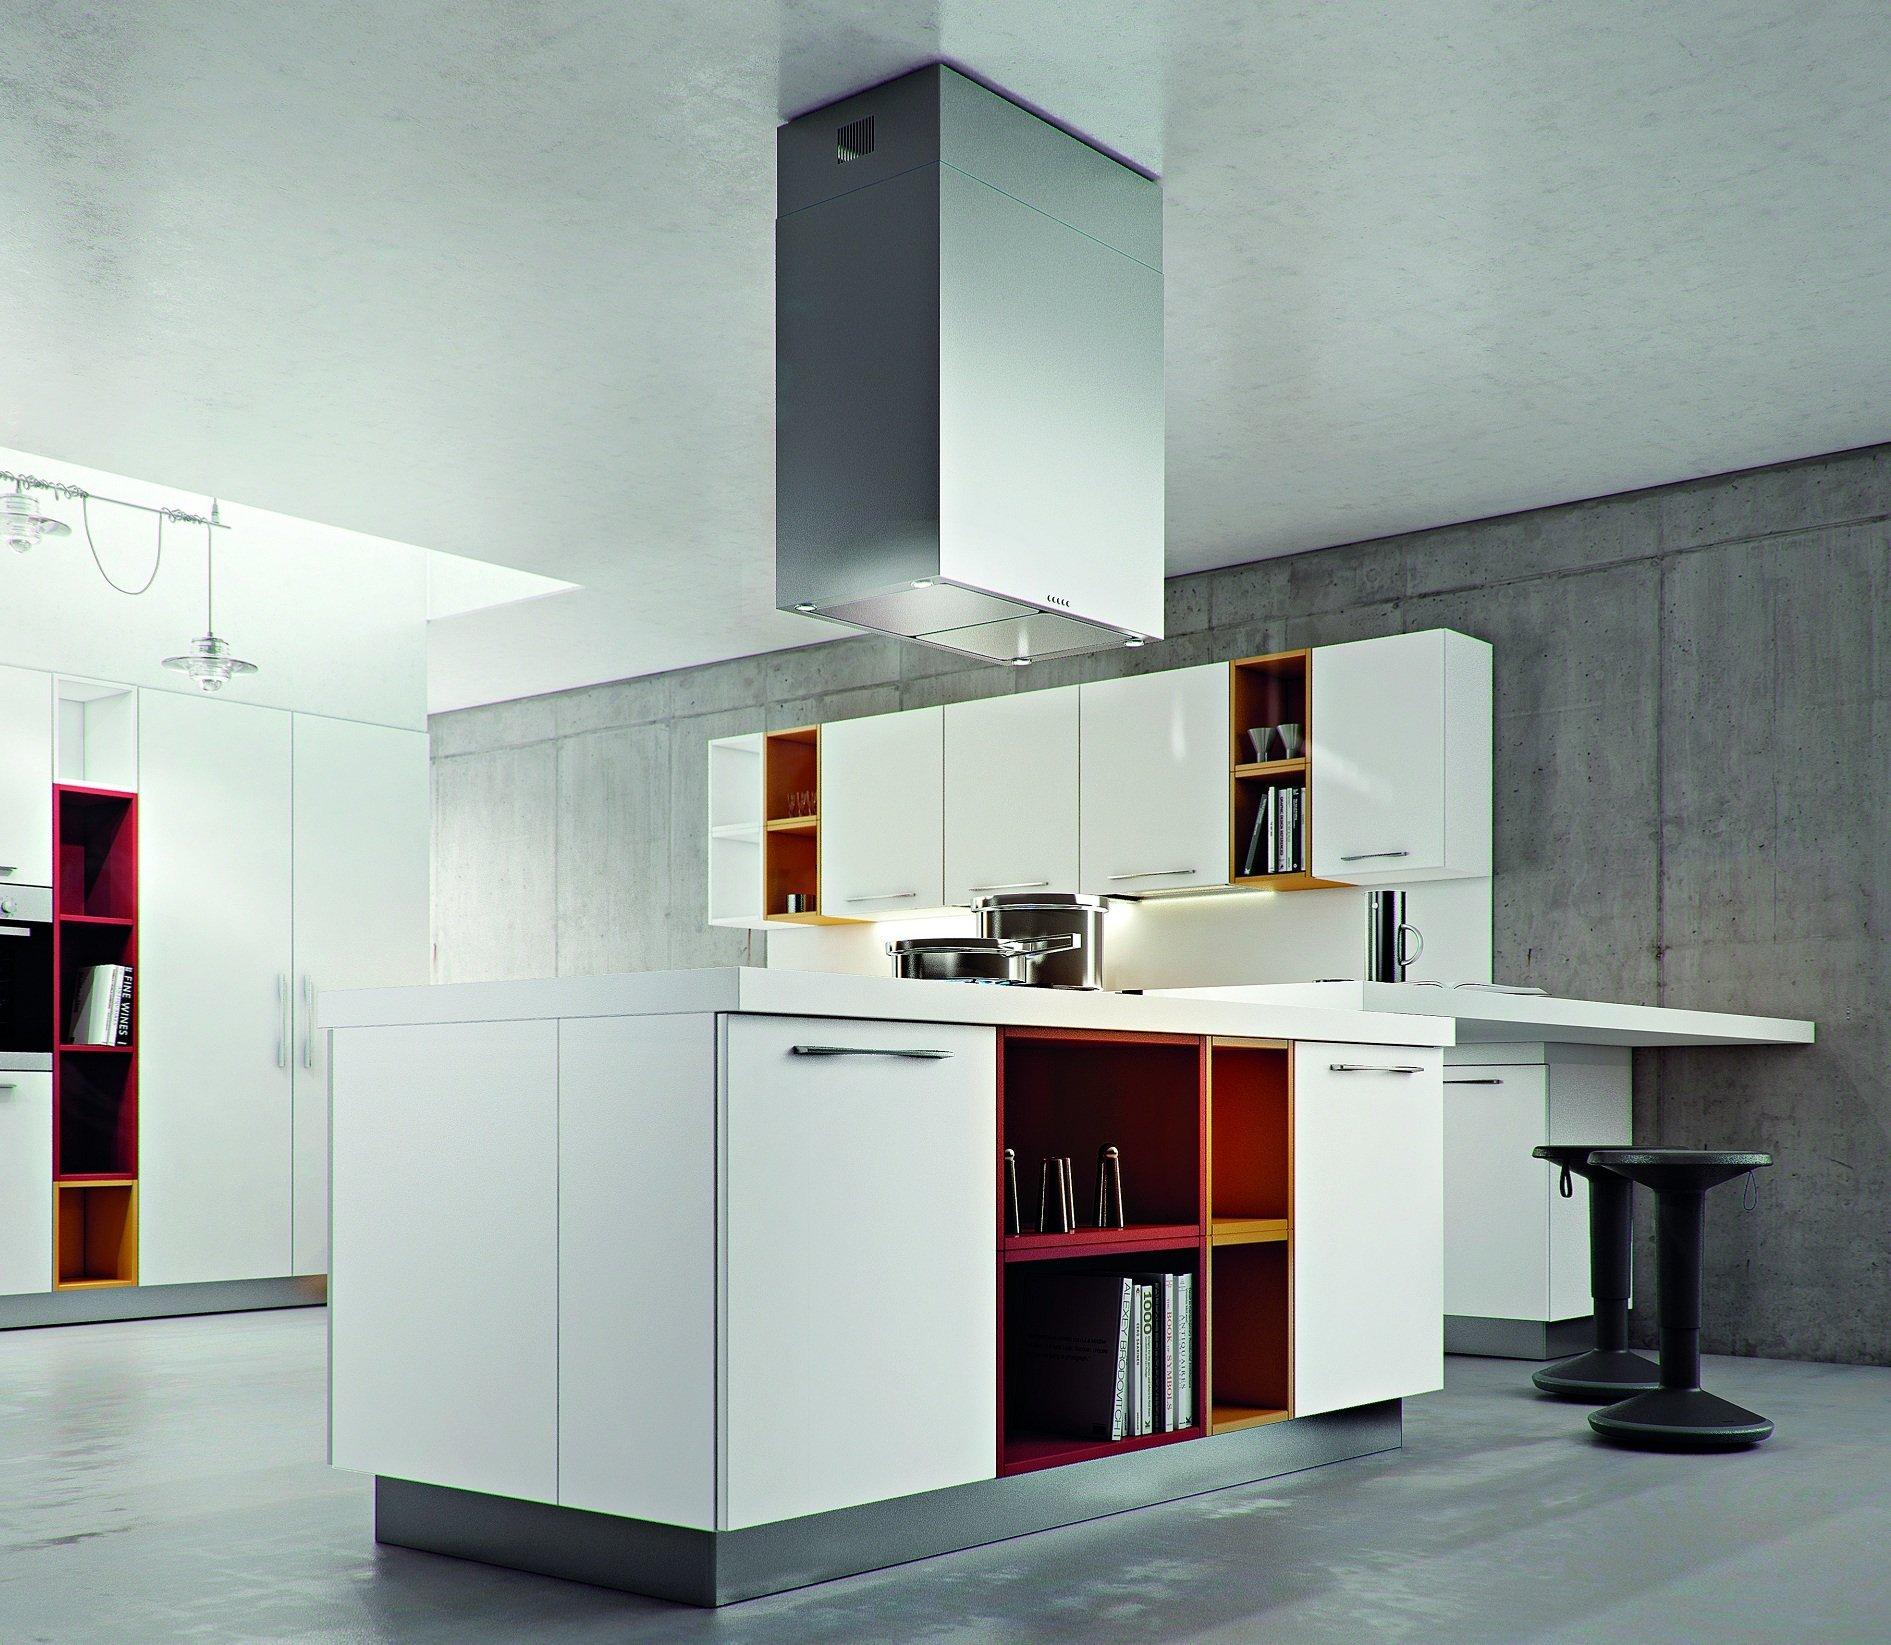 una cucina angolare di color bianco e arancione